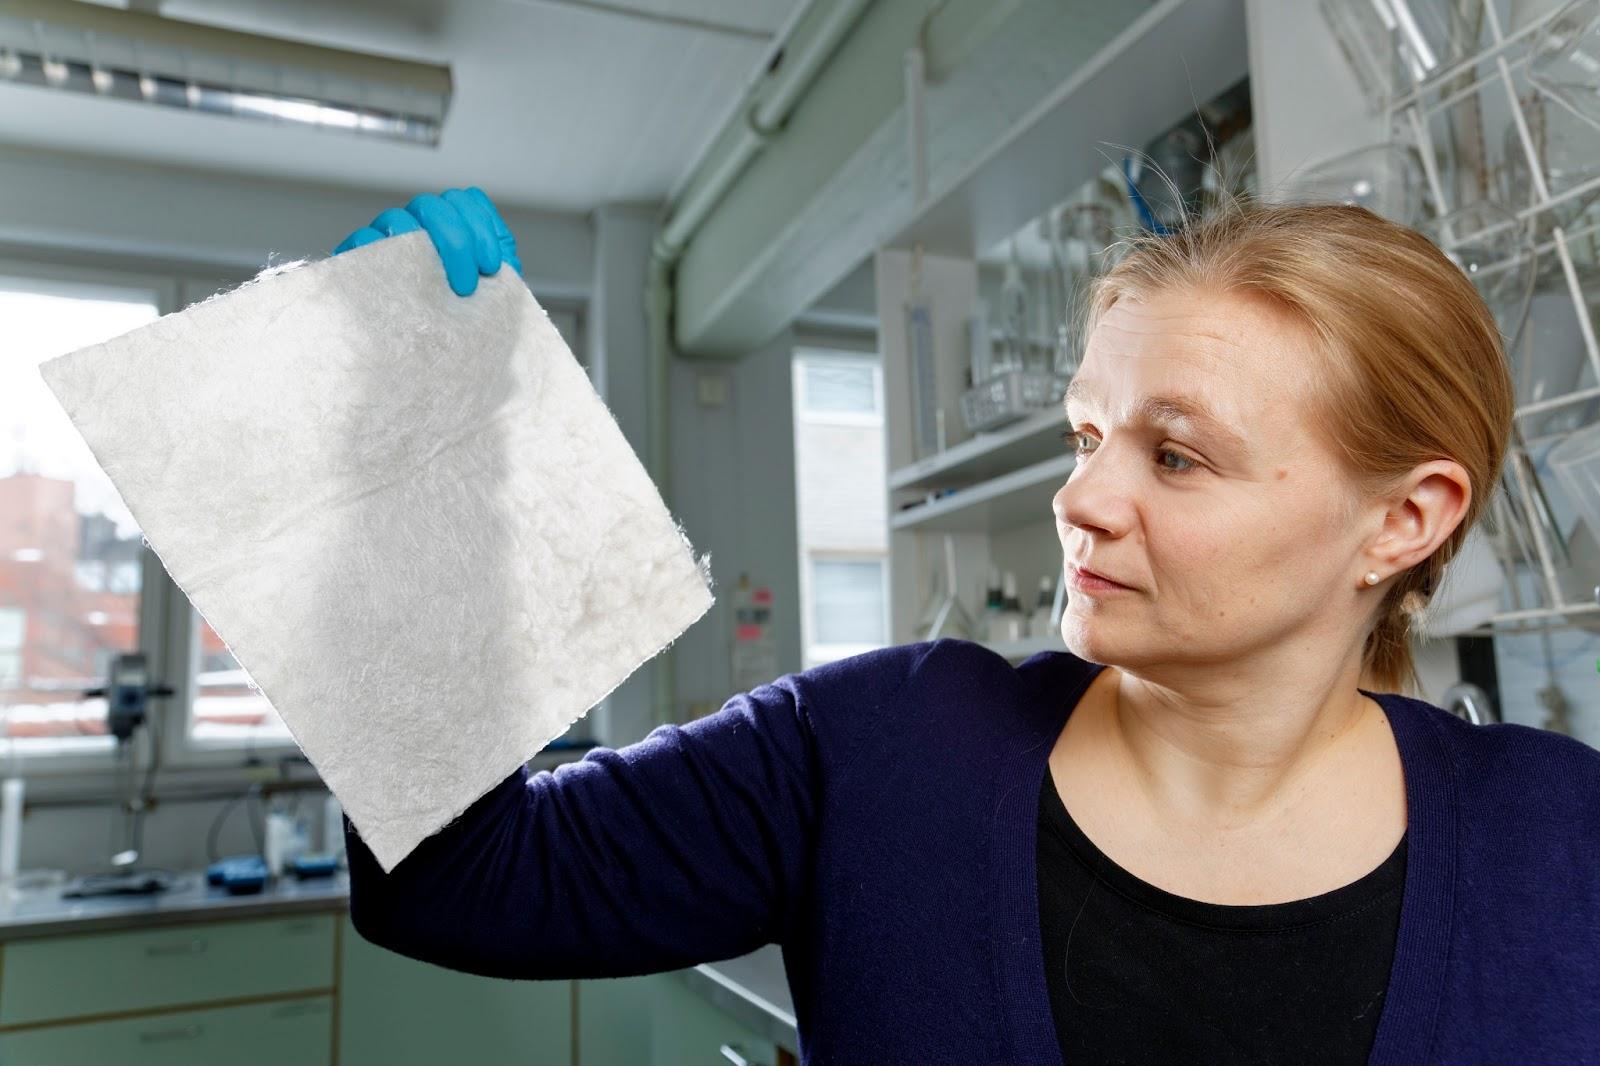 Fralda biodegradável feita de papelão promete reduzir drasticamente a produção de lixo 3